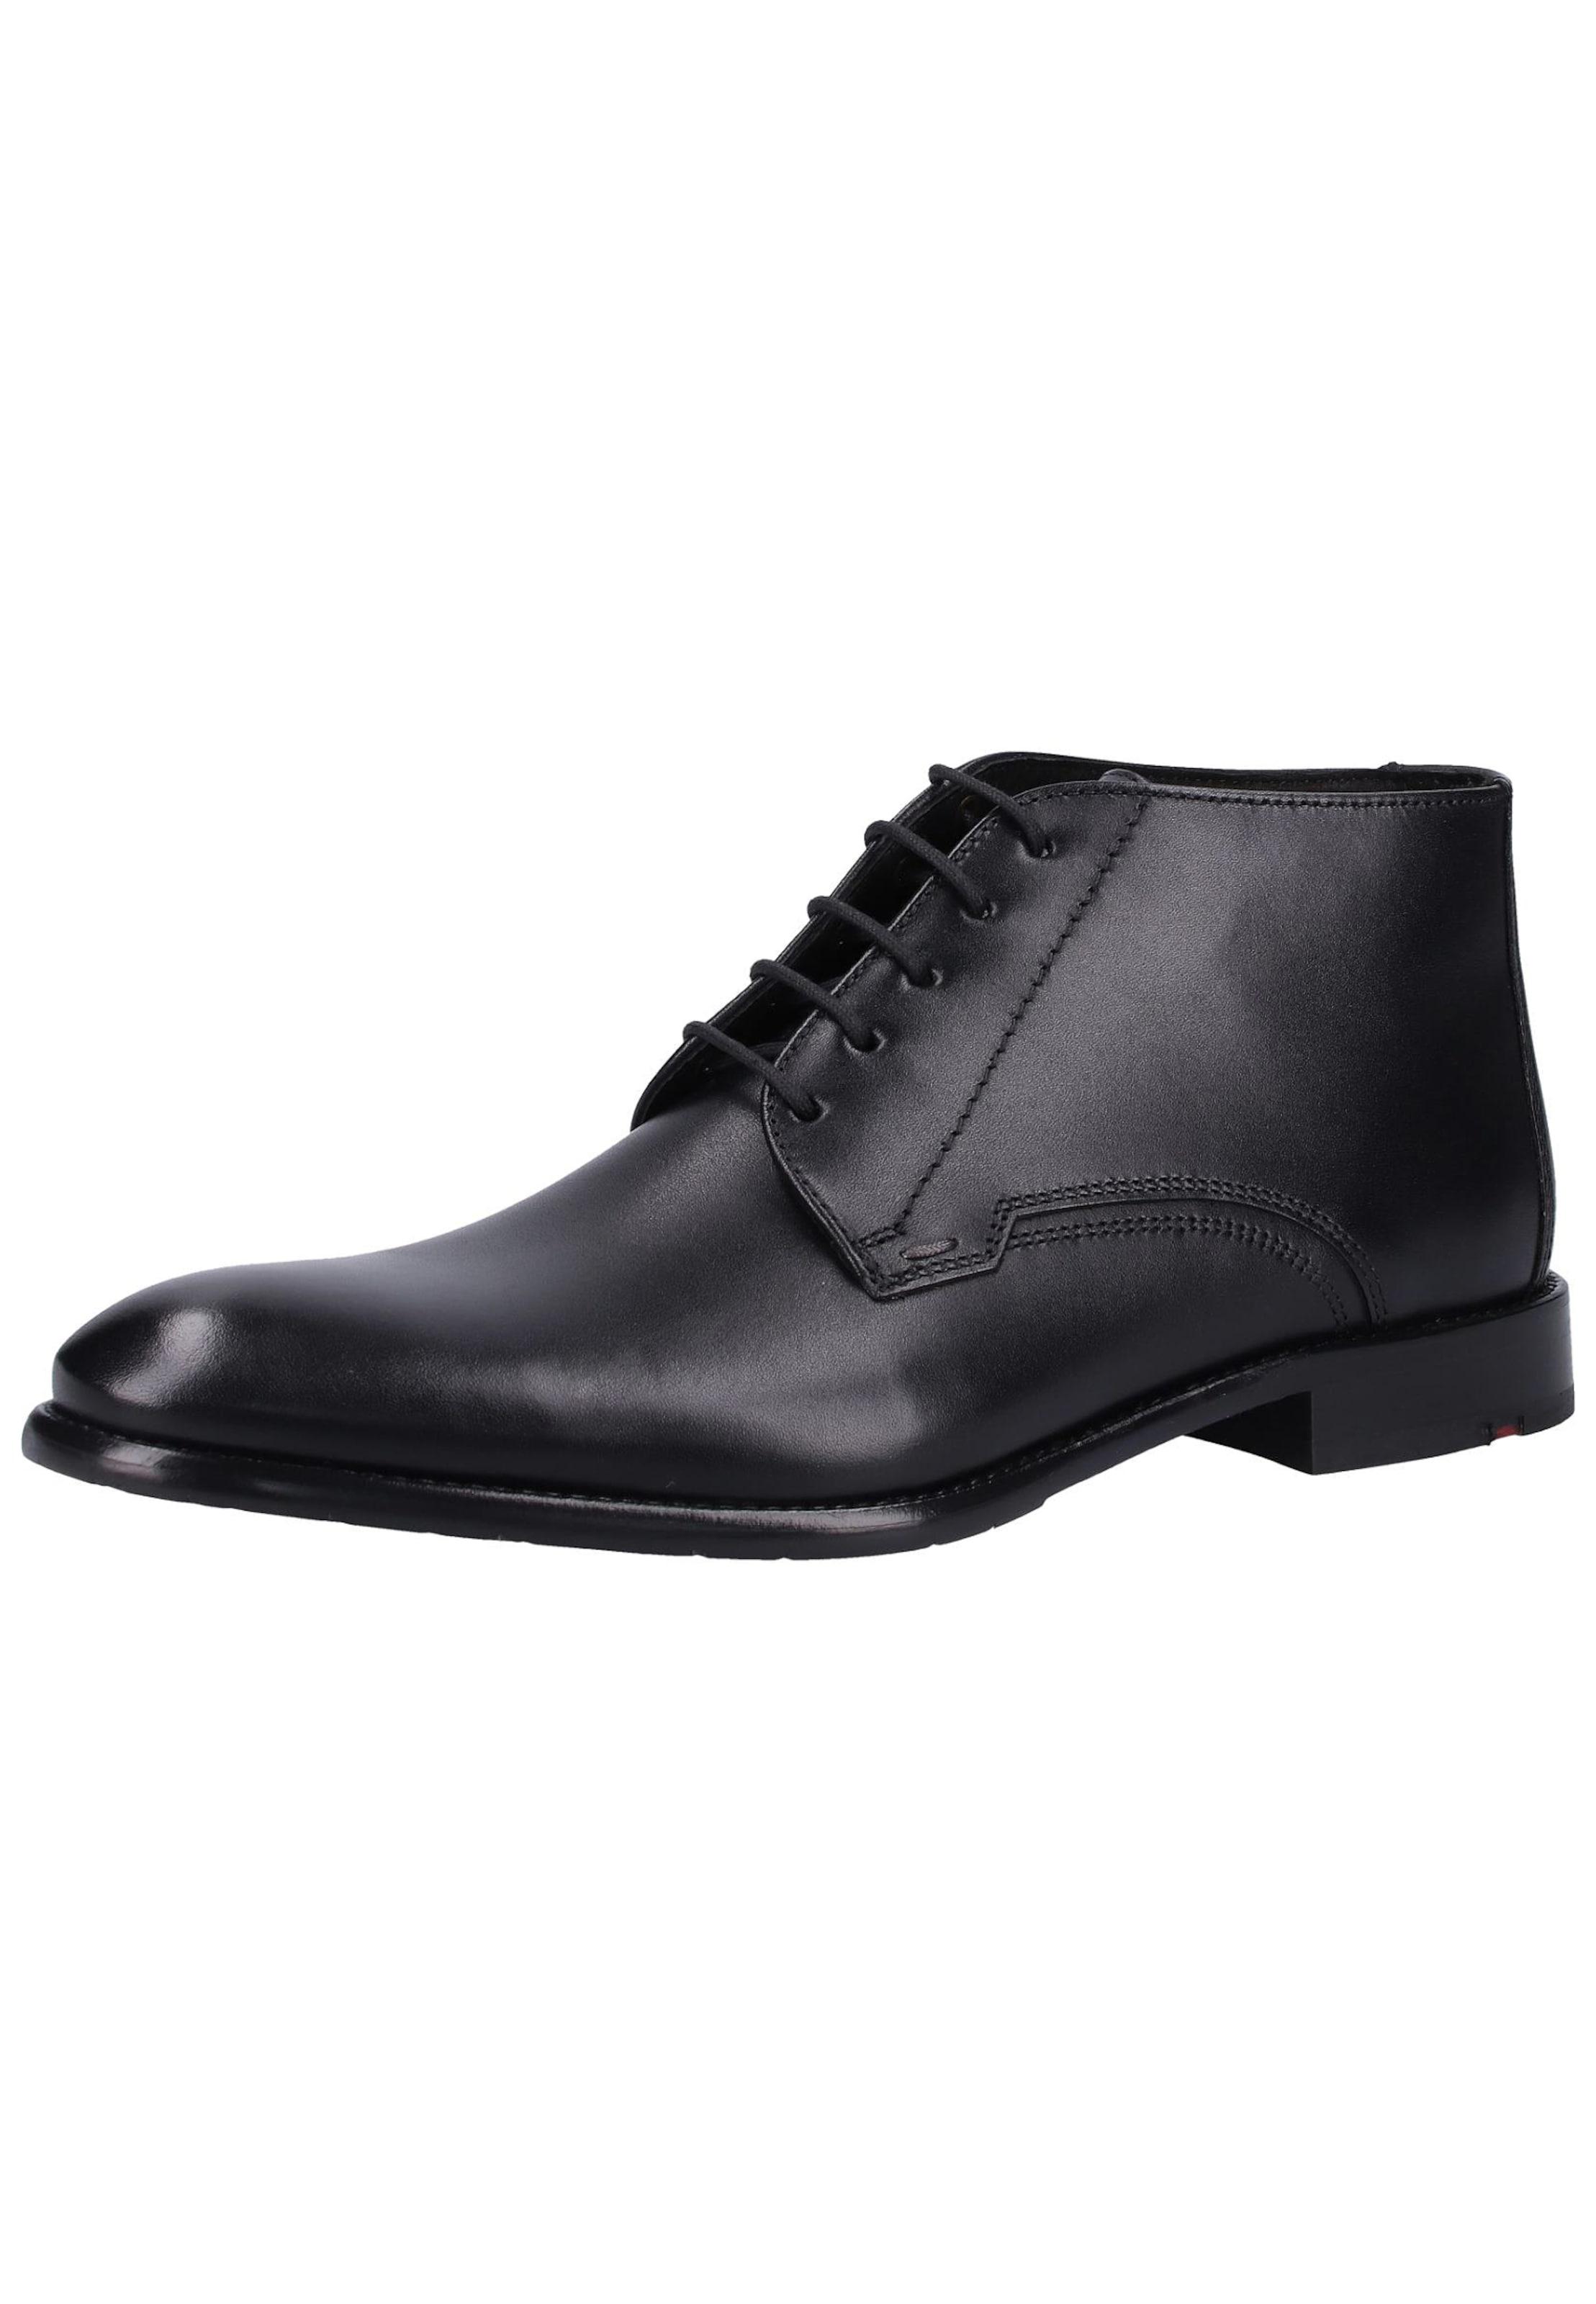 Lloyd En Noir Lacets Chaussure À 5j4L3RA